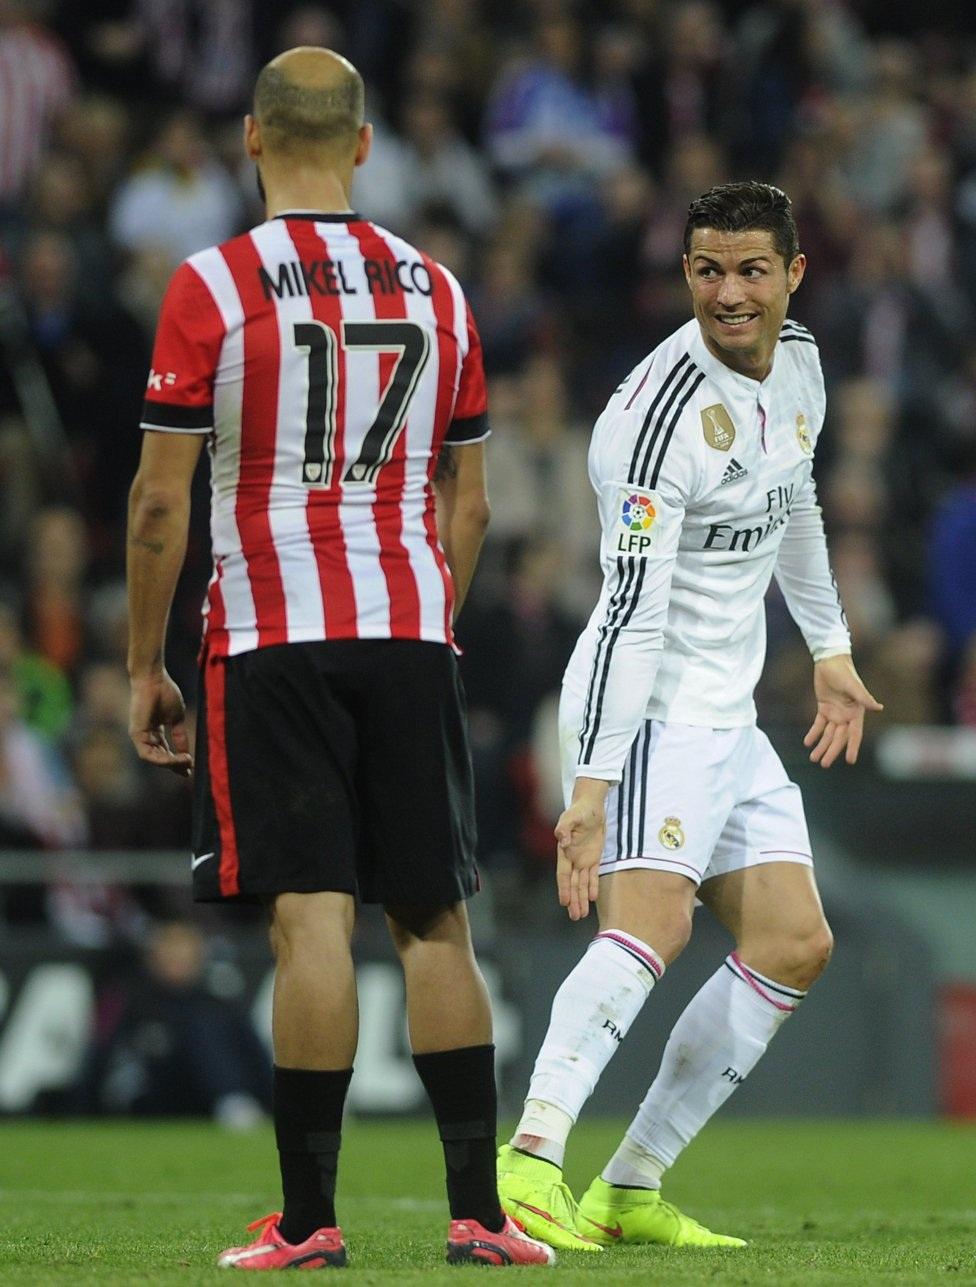 C.Ronaldo đưa ra bằng chứng mình bị phạm lỗi